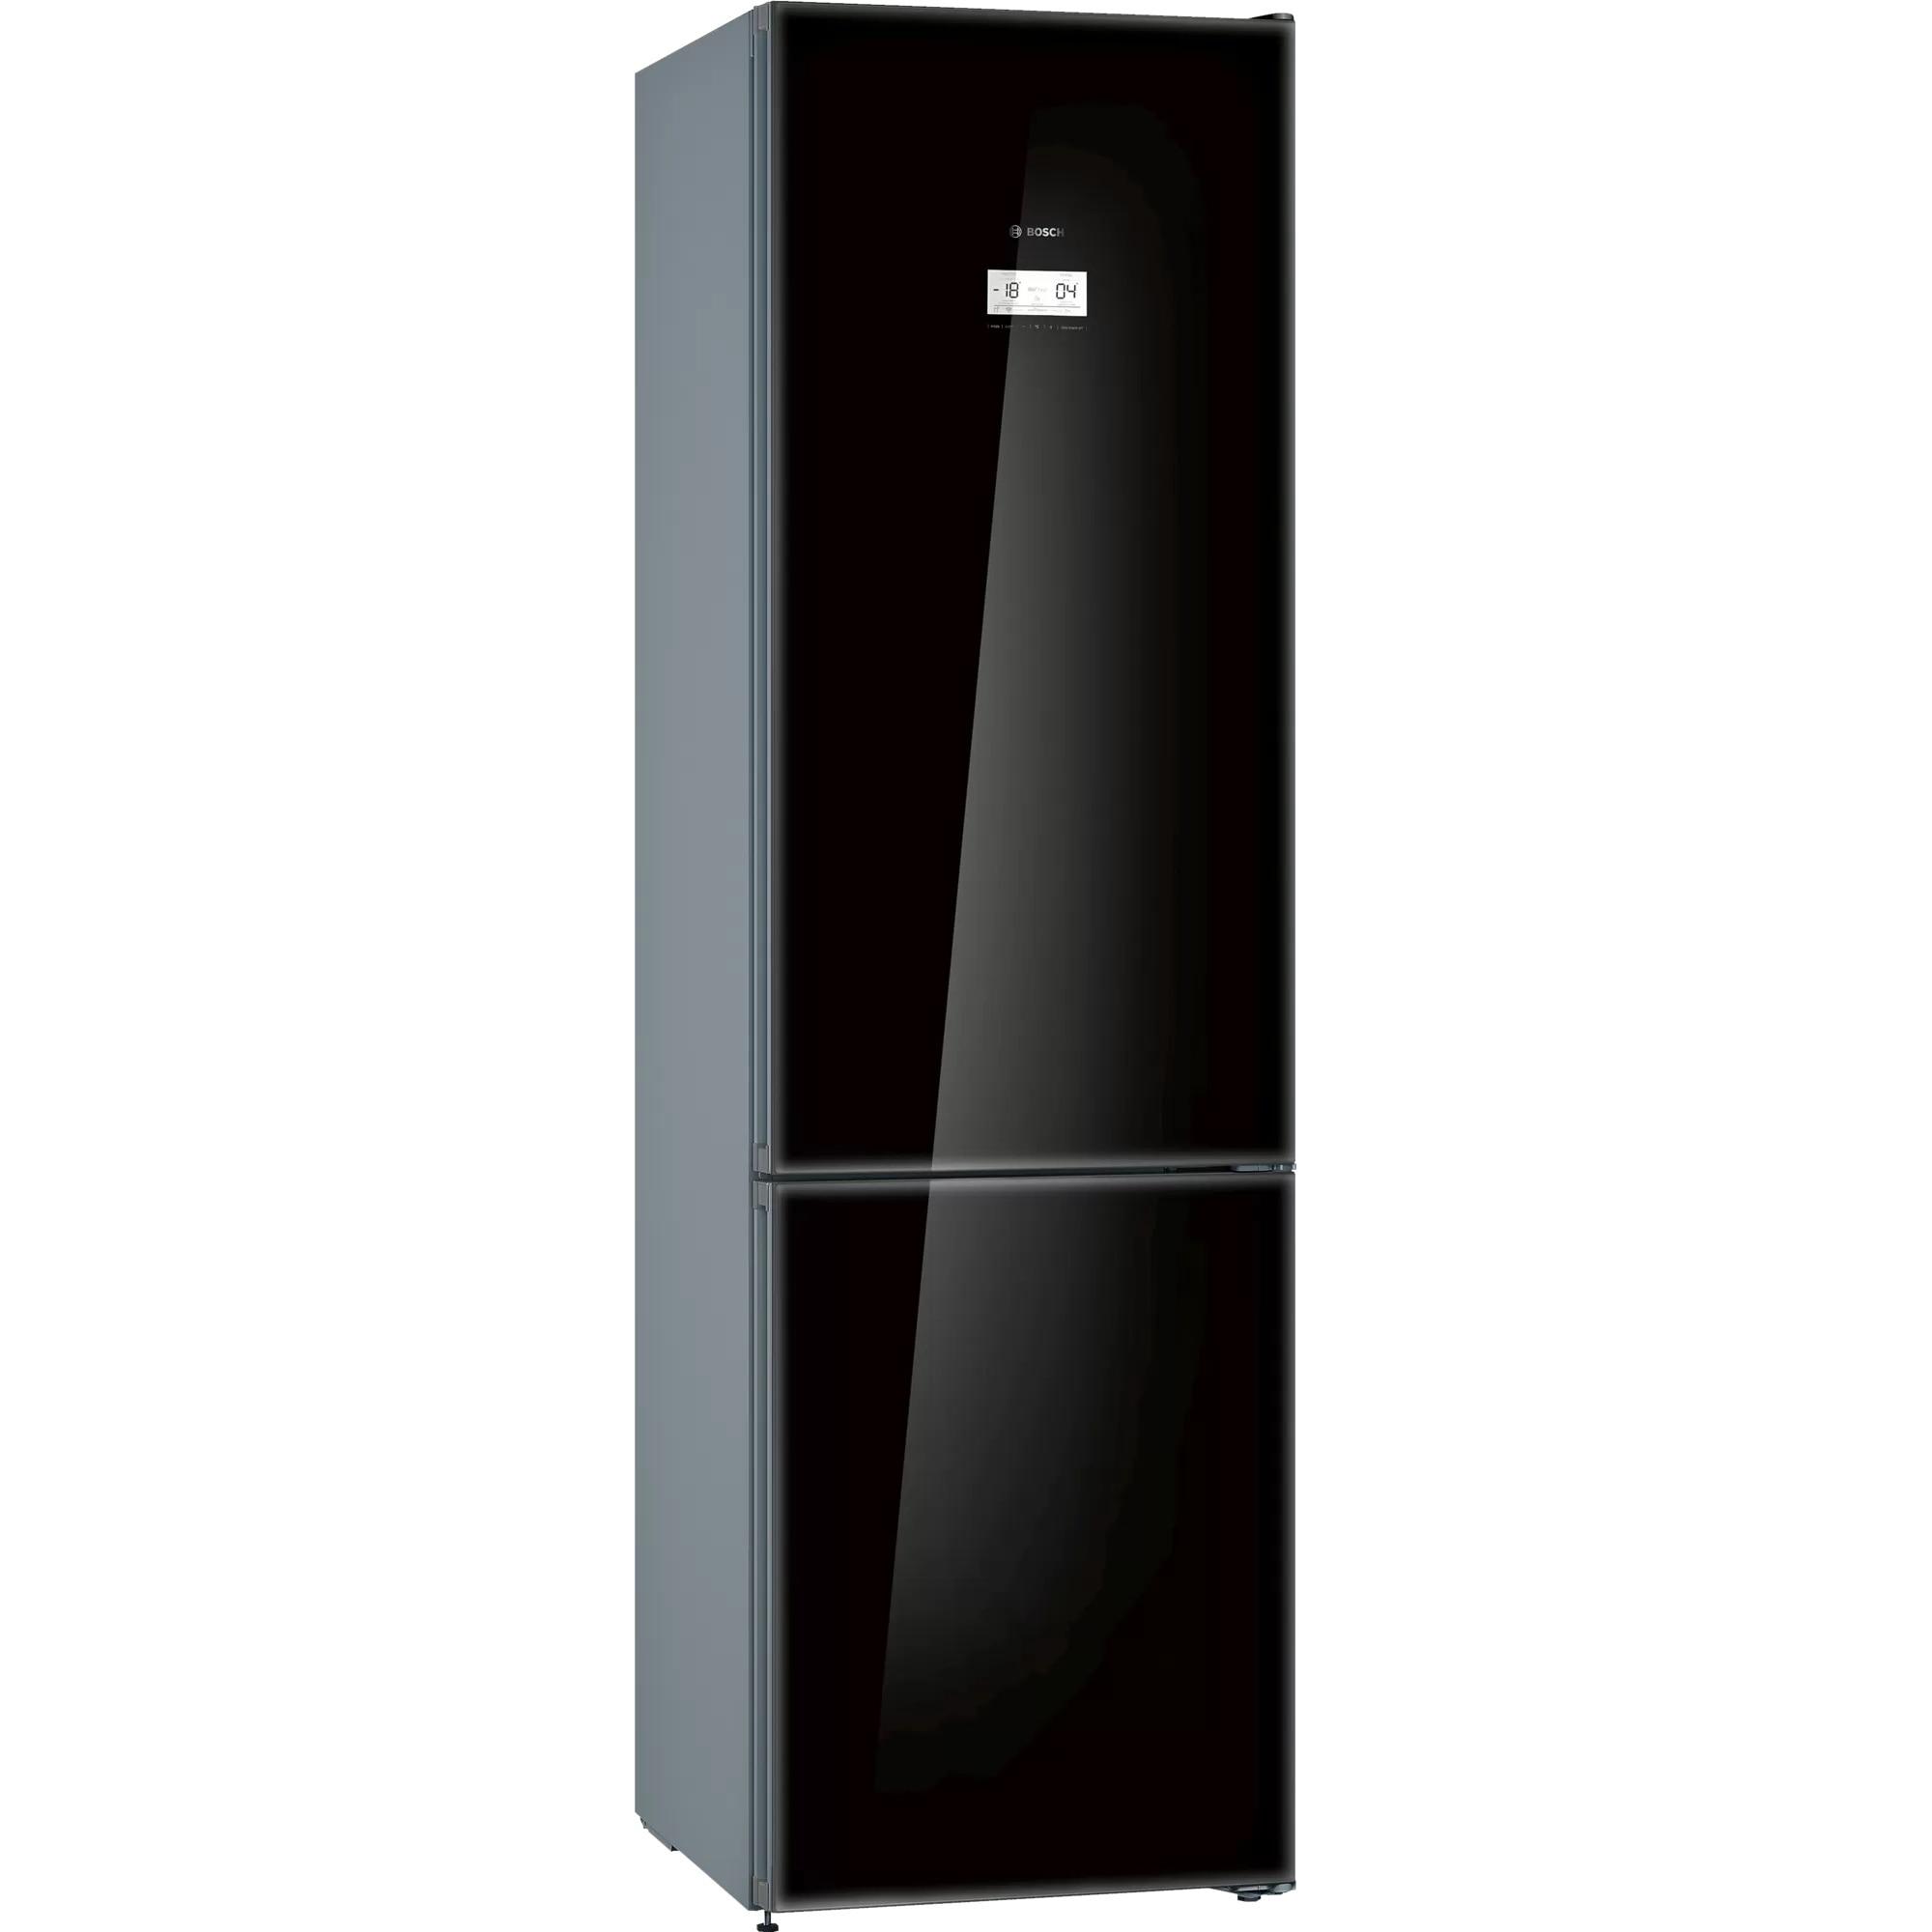 Fotografie Combina frigorifica Bosch KGN39LBE5, 368 l, Clasa E, NoFrost, VitaFresh, H 203 cm, Sticla neagra